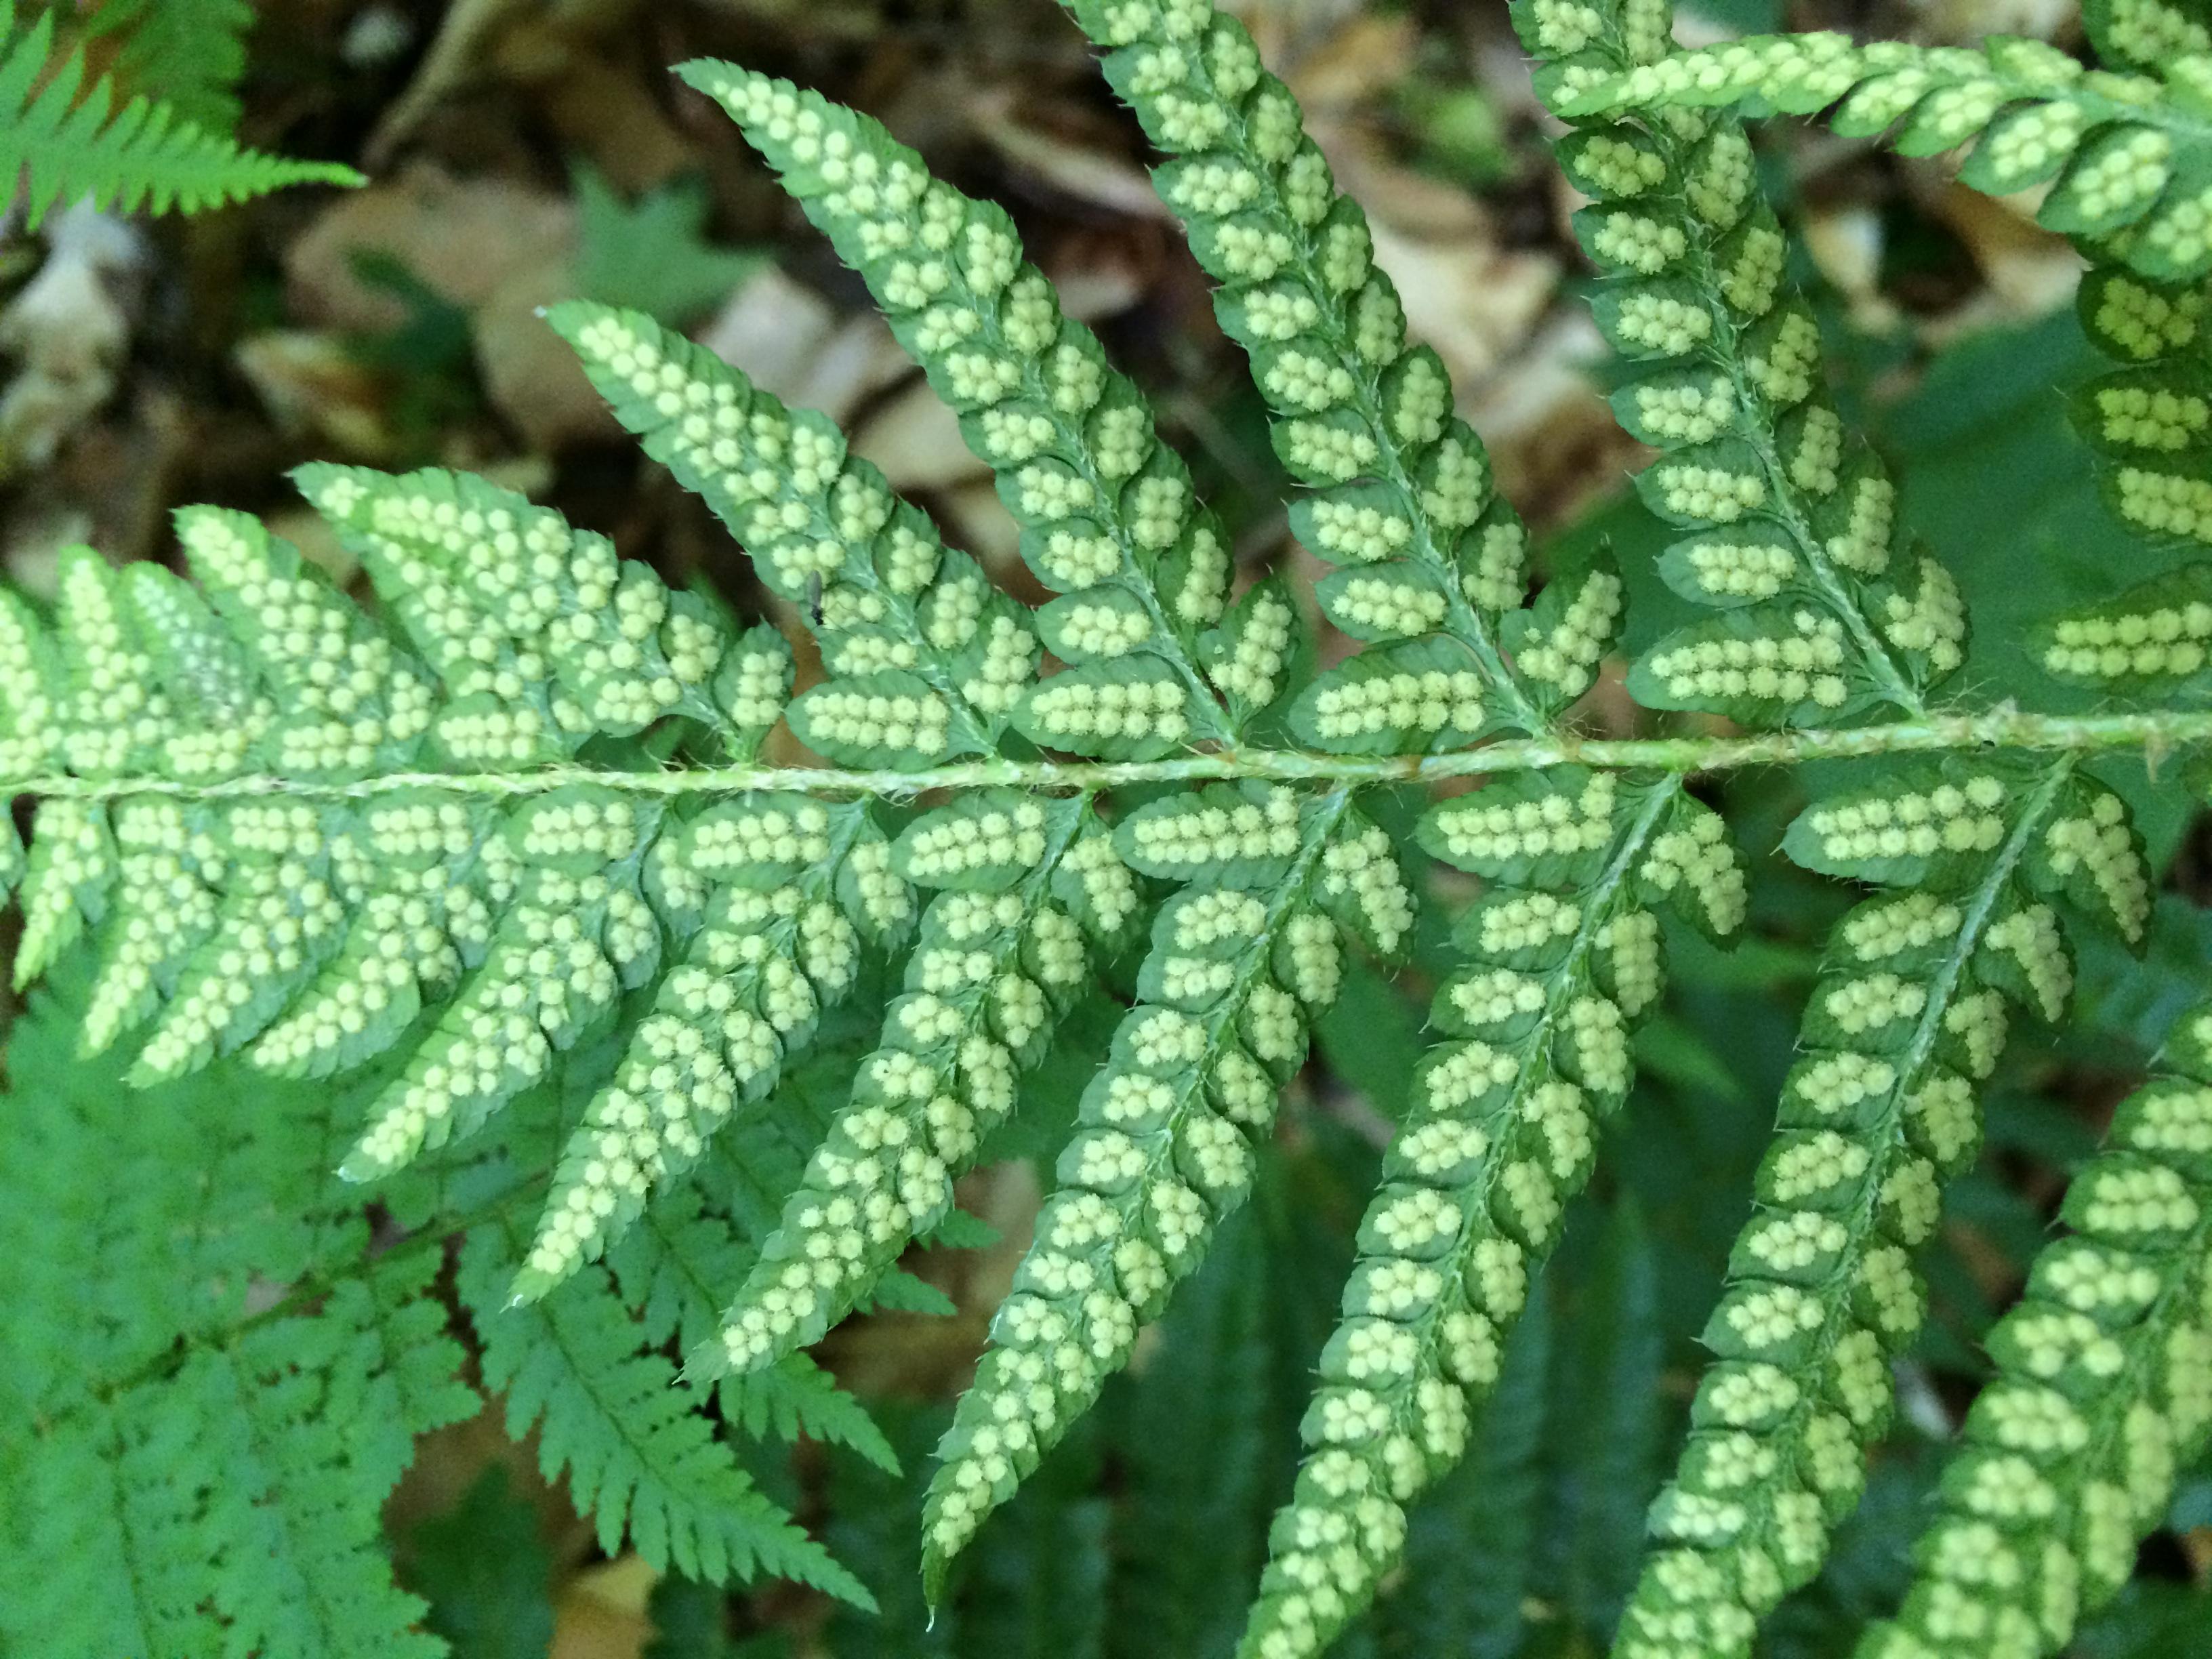 Polystichum × potteri